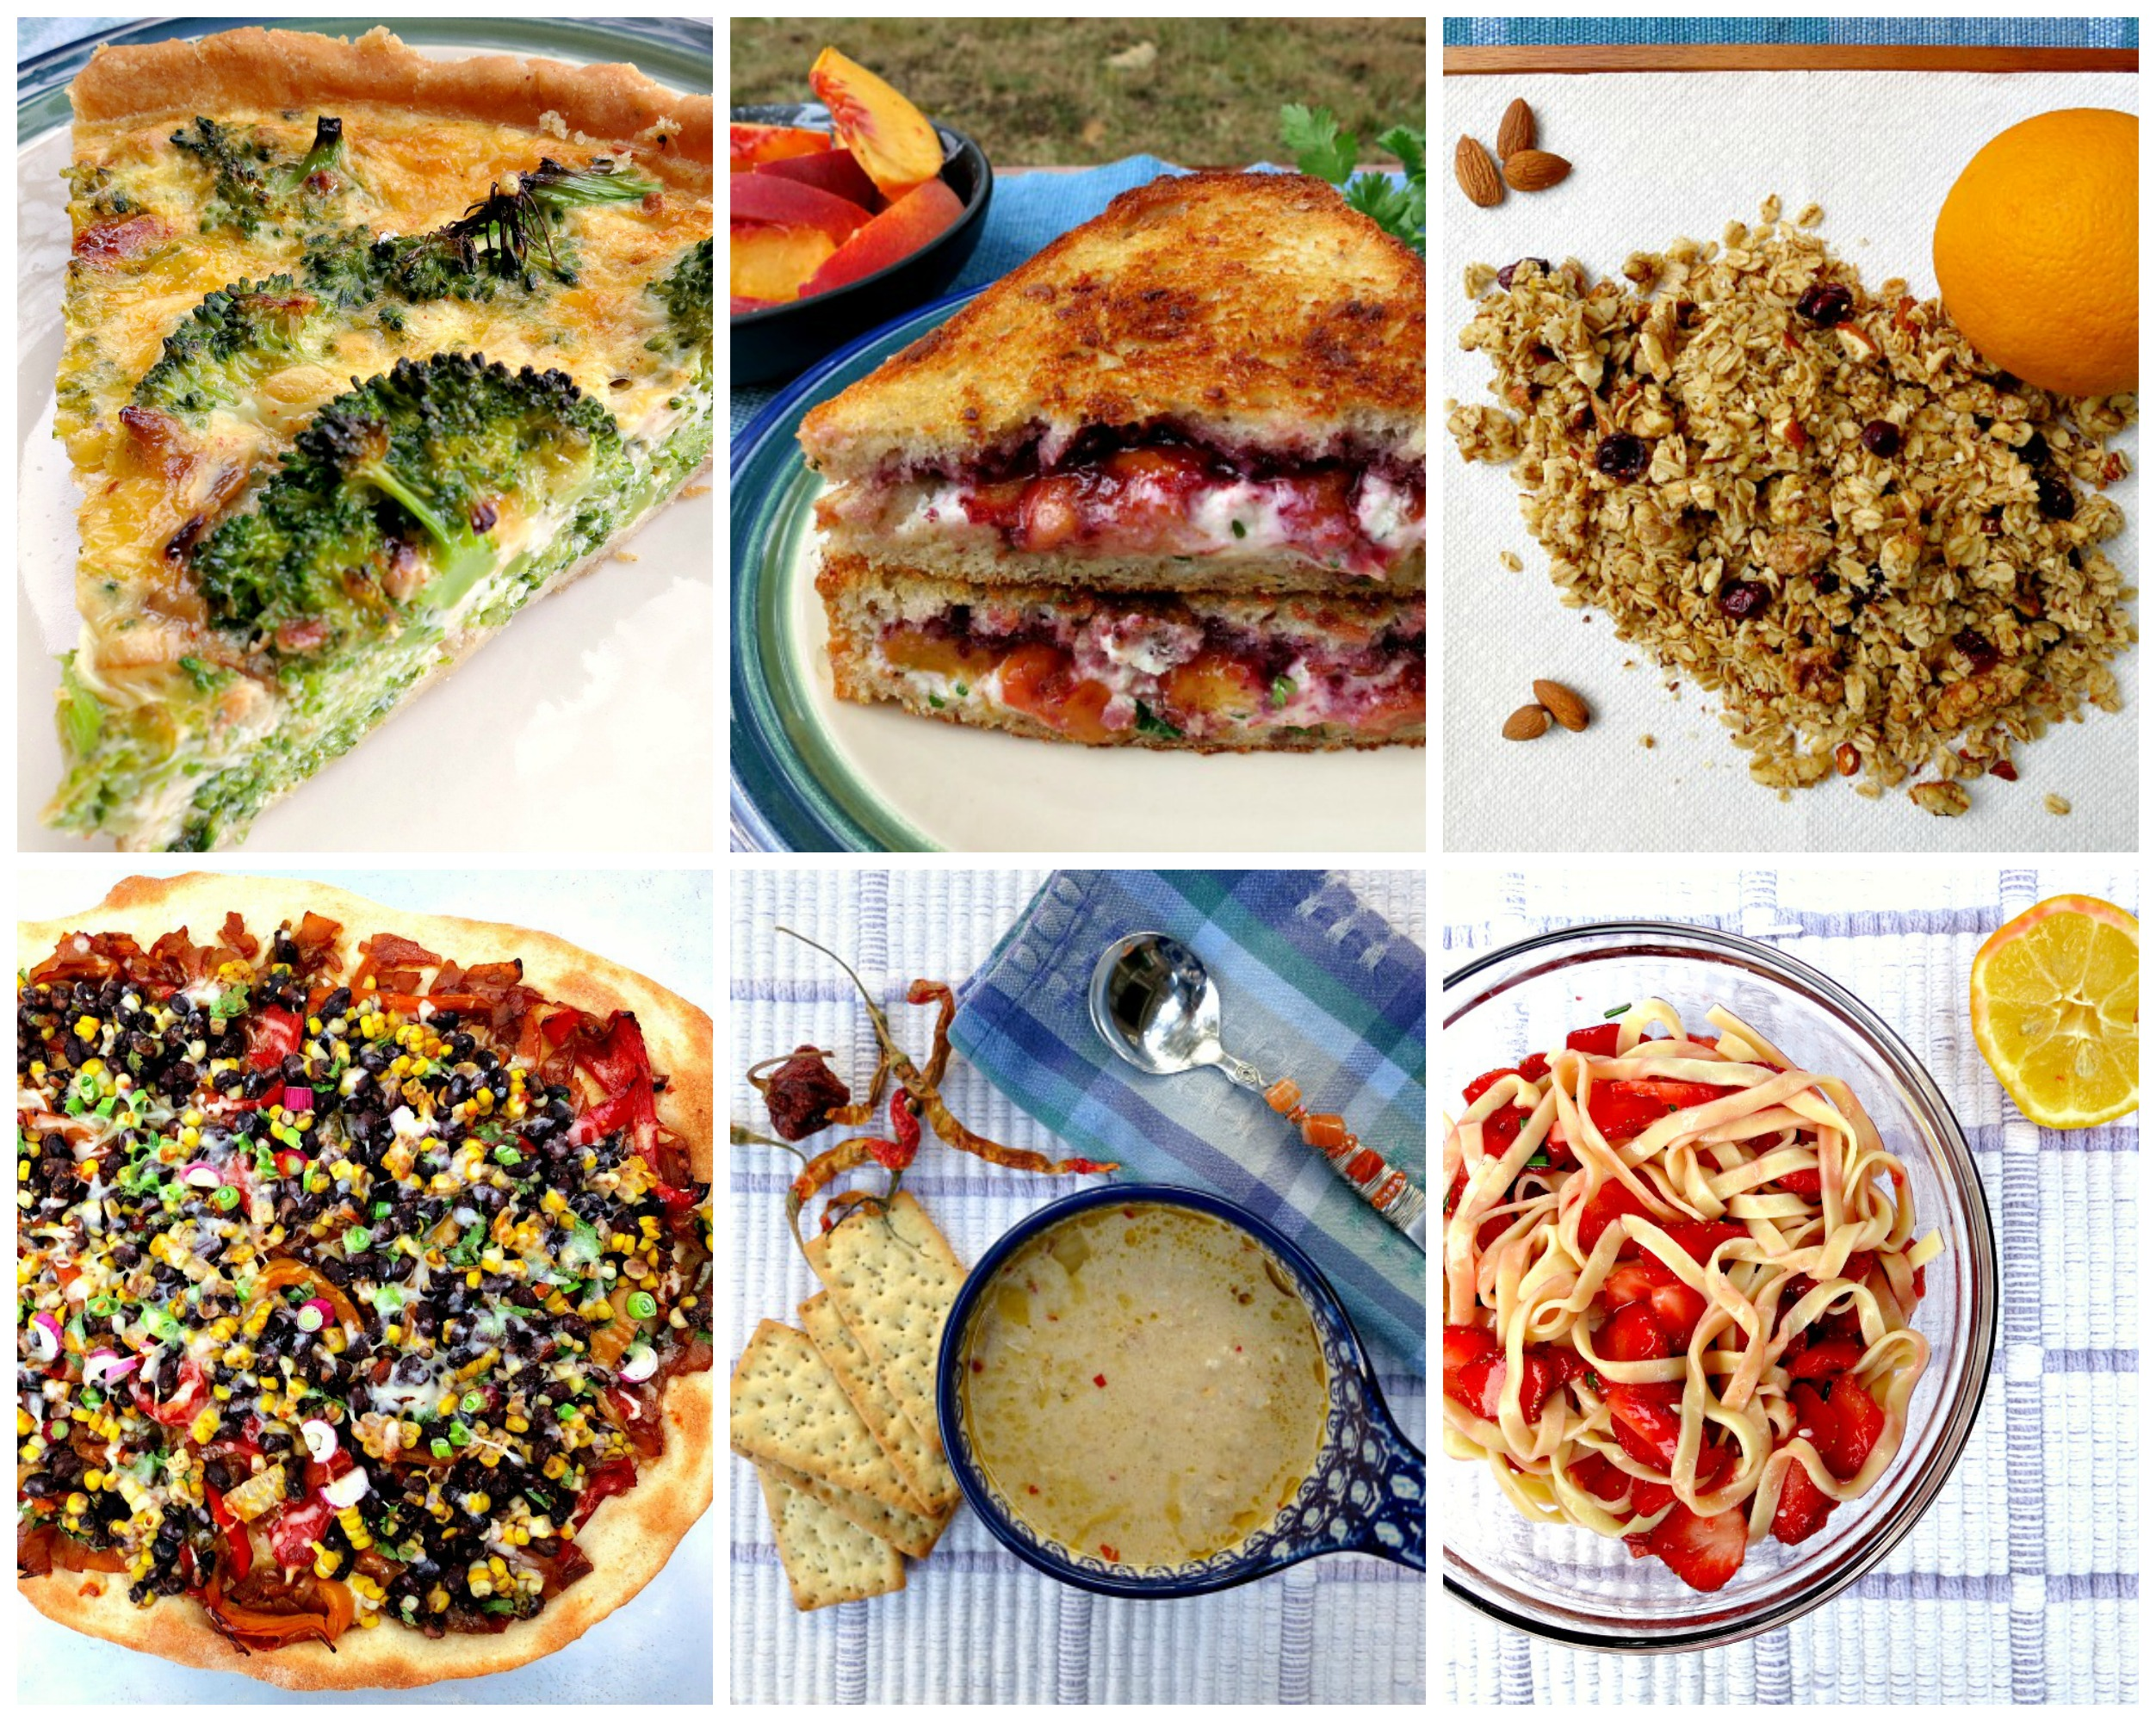 2013 Recipe Collage